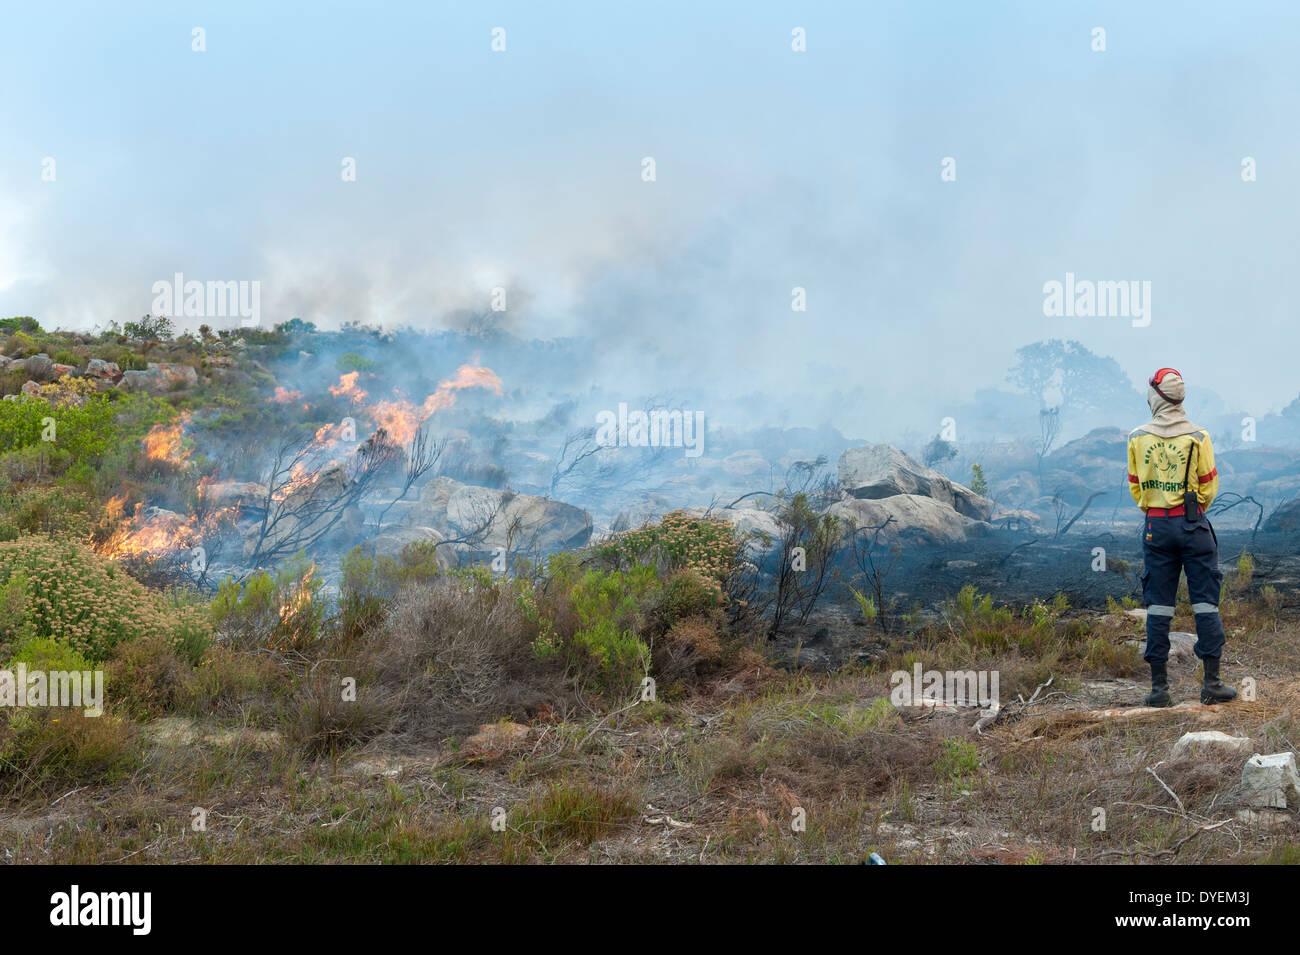 Feuerwehrmann Übungen kontrolliert Brennen der Vegetation, um neues Wachstum, Kap-Halbinsel, Western Cape, Stockbild